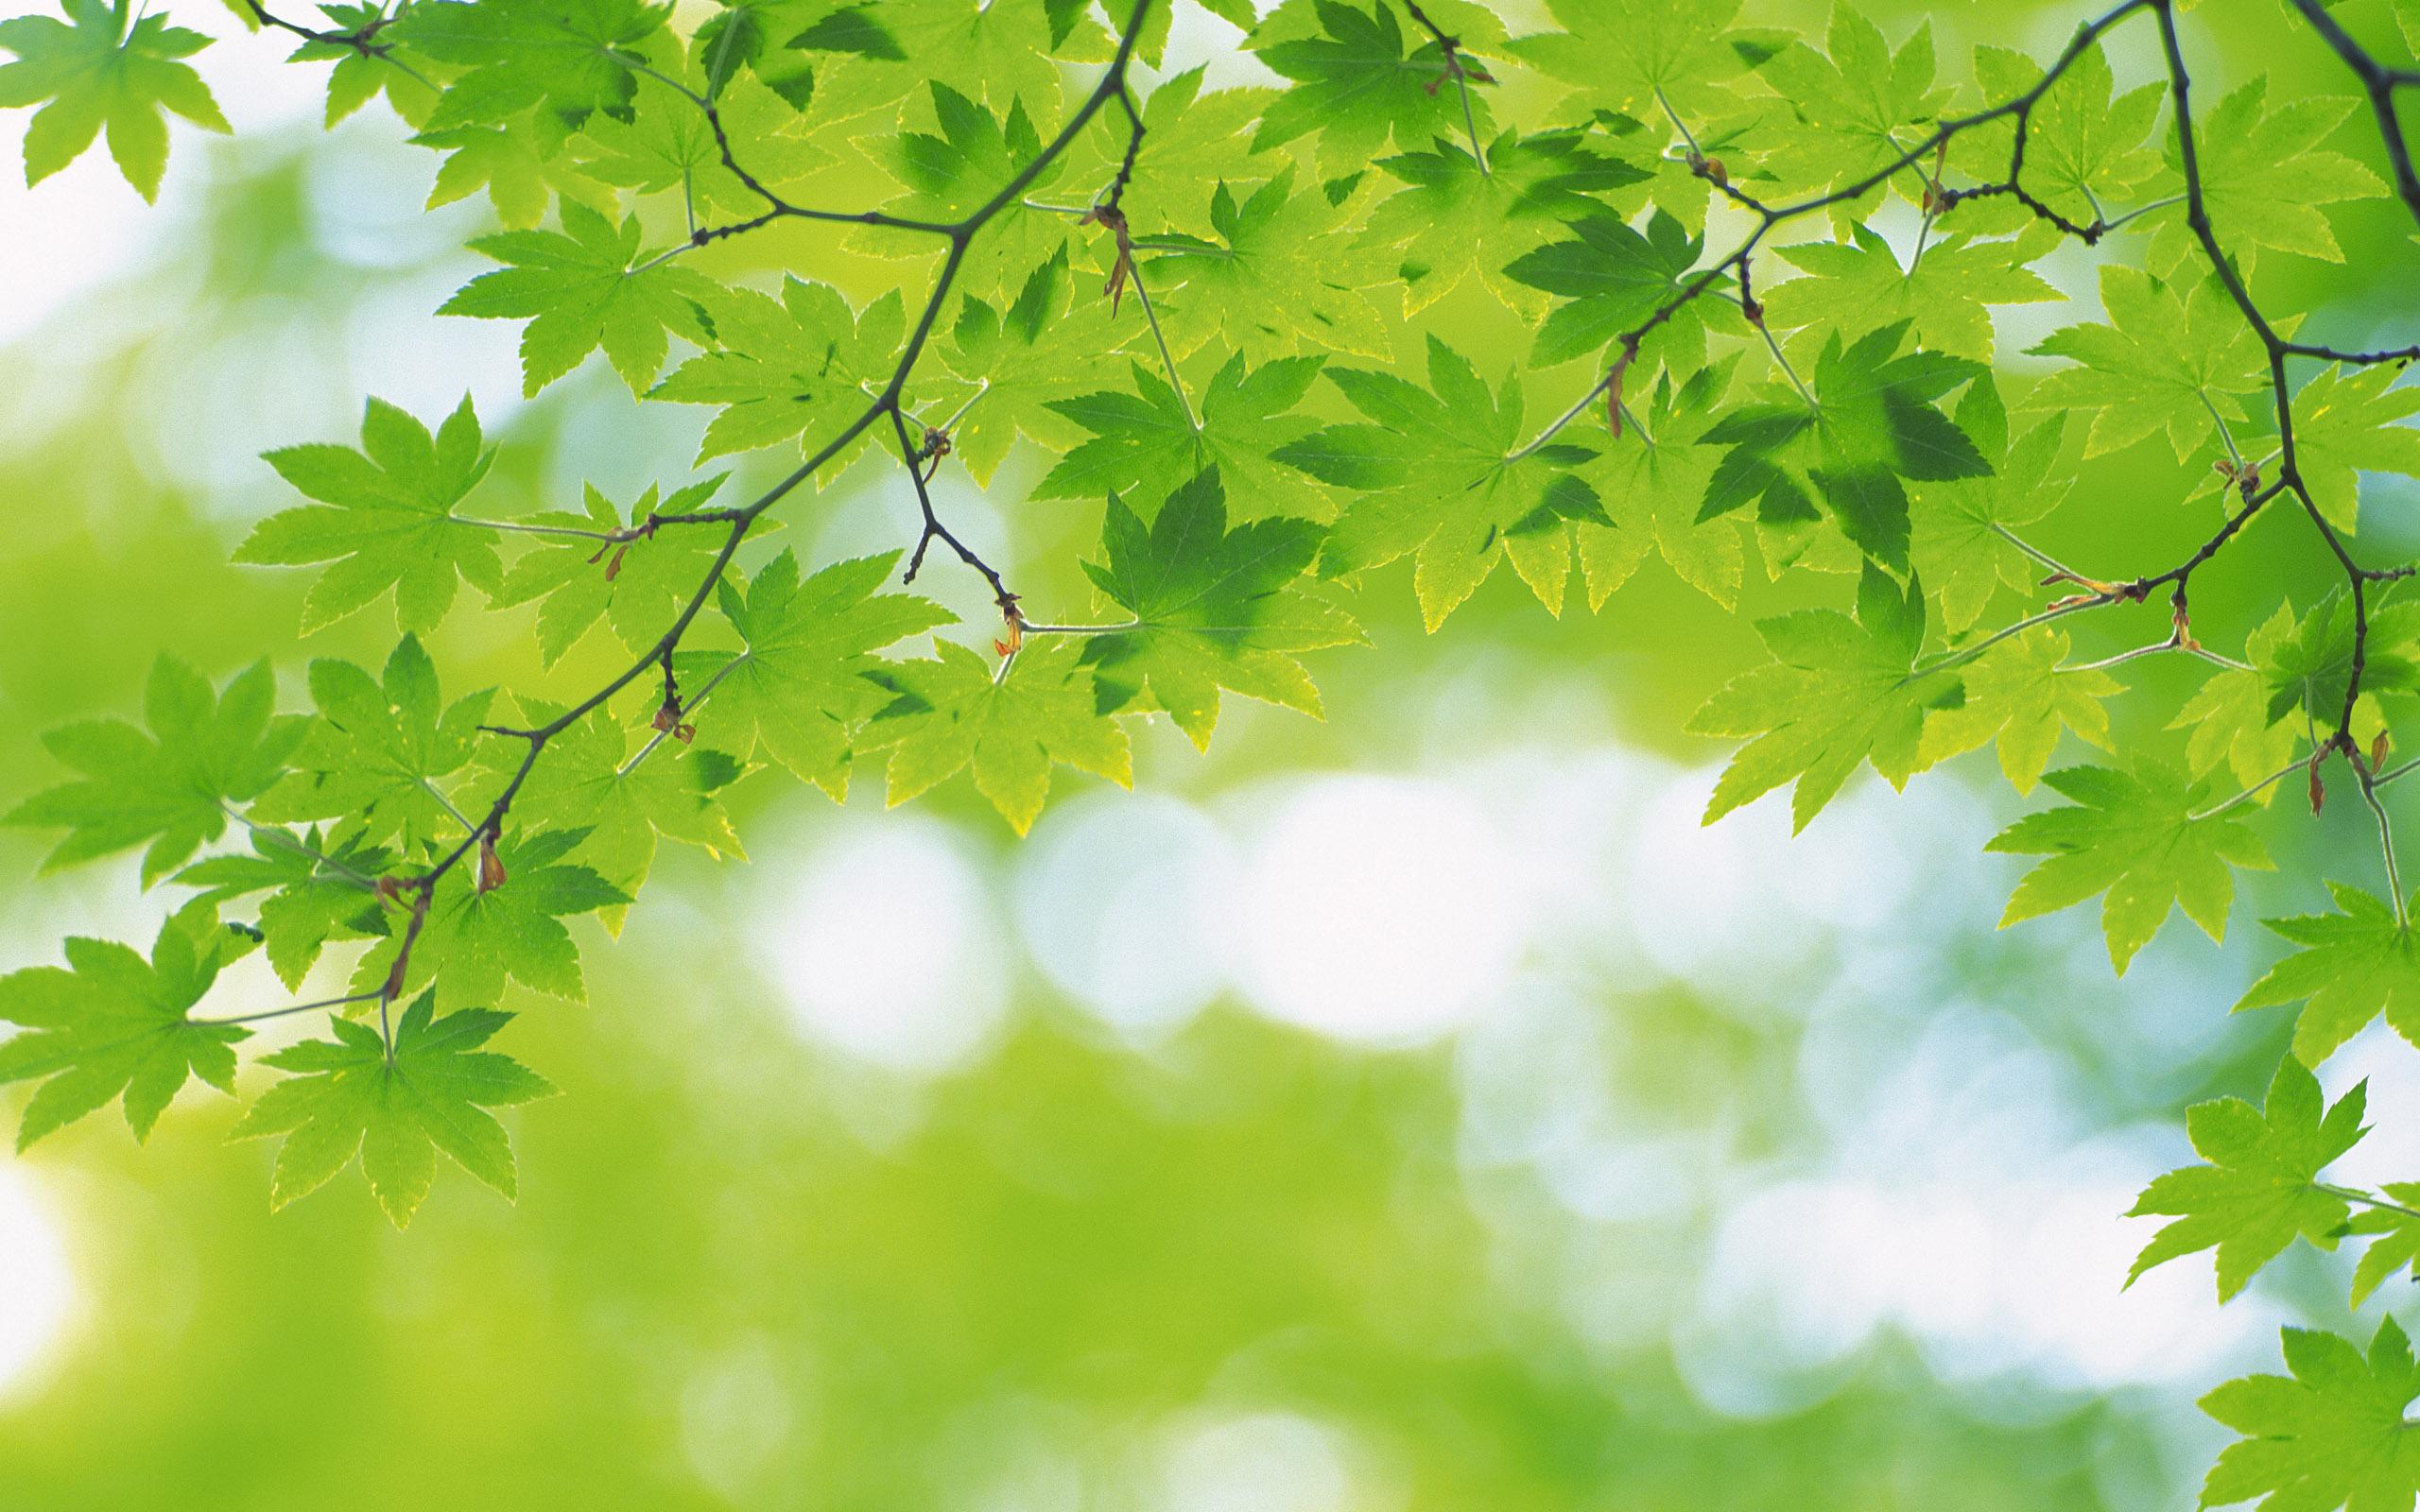 绿色植物叶子高清壁纸(2560x1600)[43p]